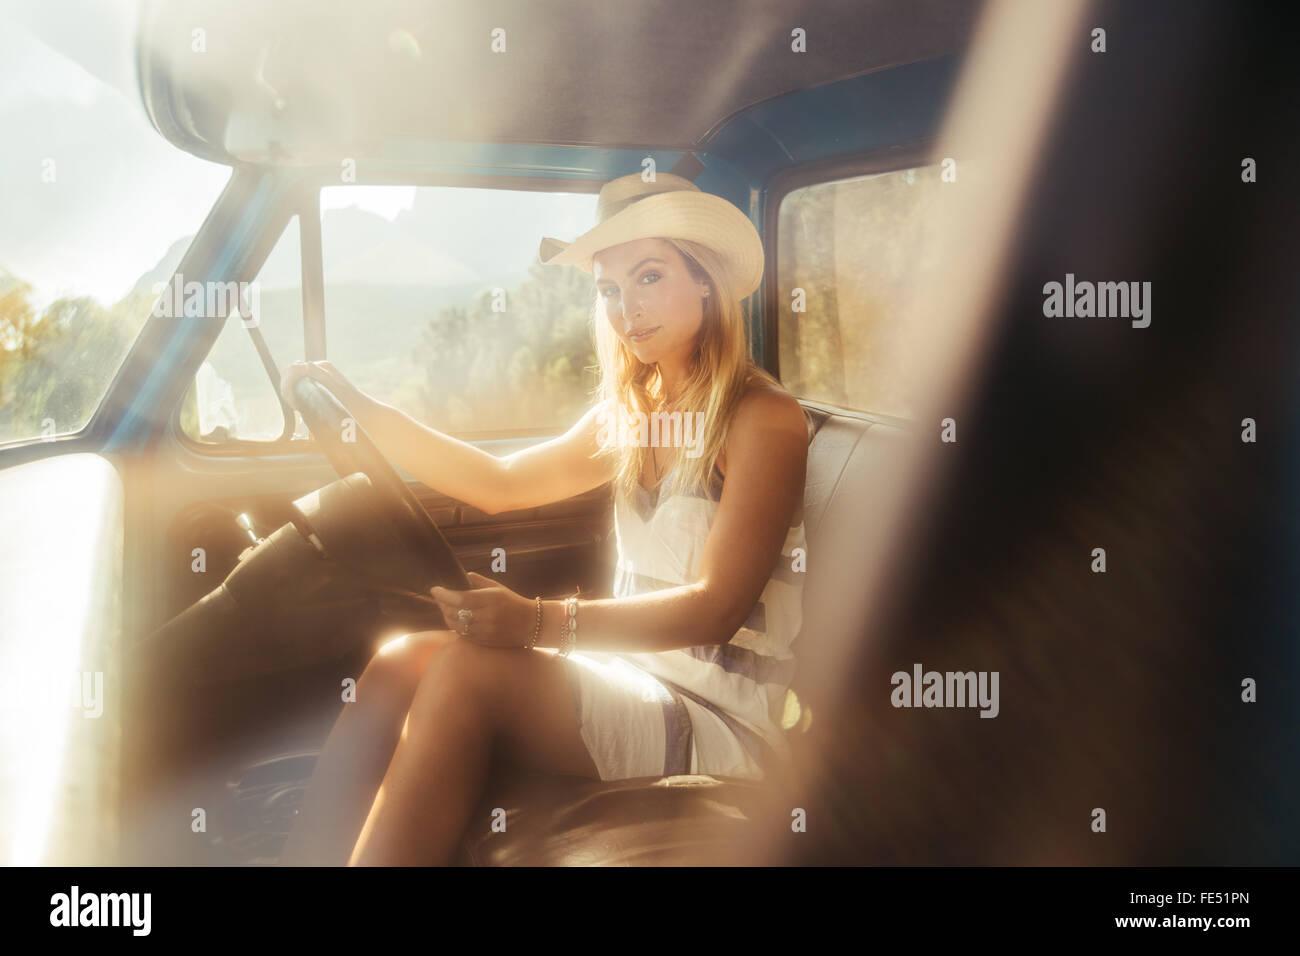 Porträt von einer attraktiven jungen Frau mit Hut Autofahren auf sonnigen Tag Stockbild